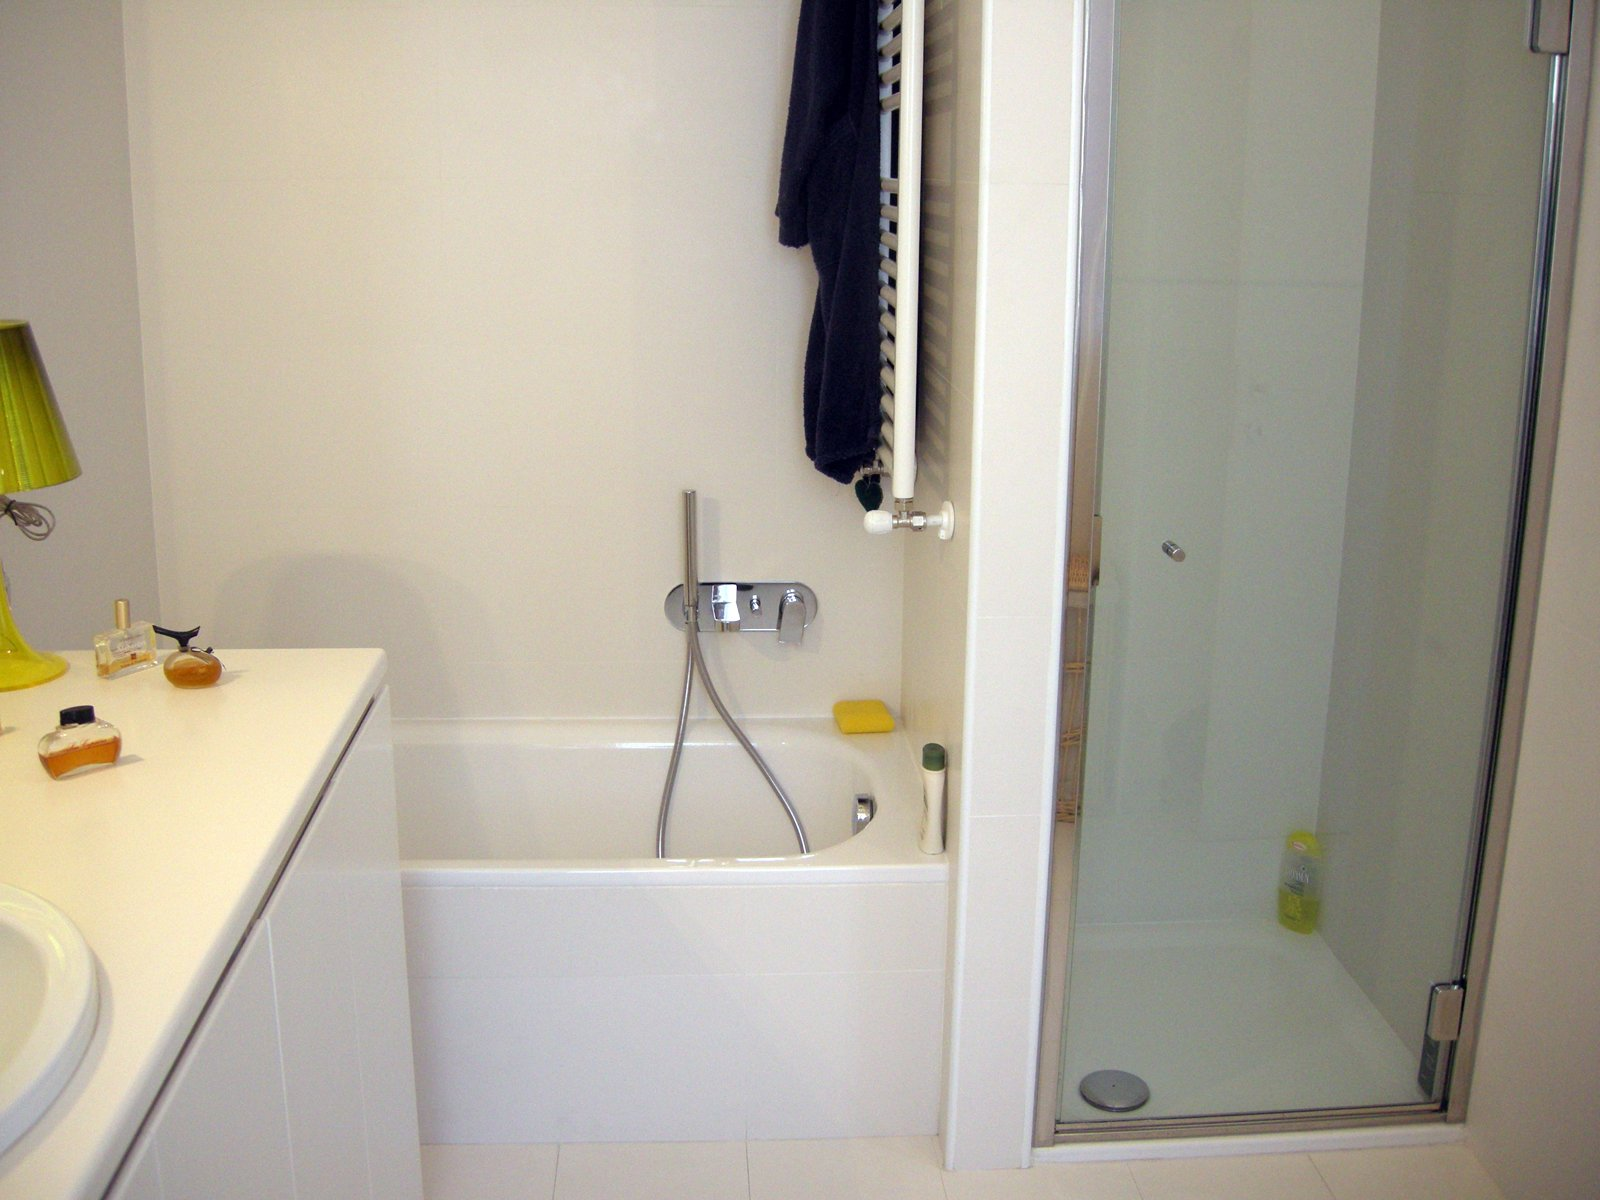 Rifare il bagno fai da te imbiancare il bagno design per la casa moderna ltay net imbiancare - Bagno camper fai da te ...